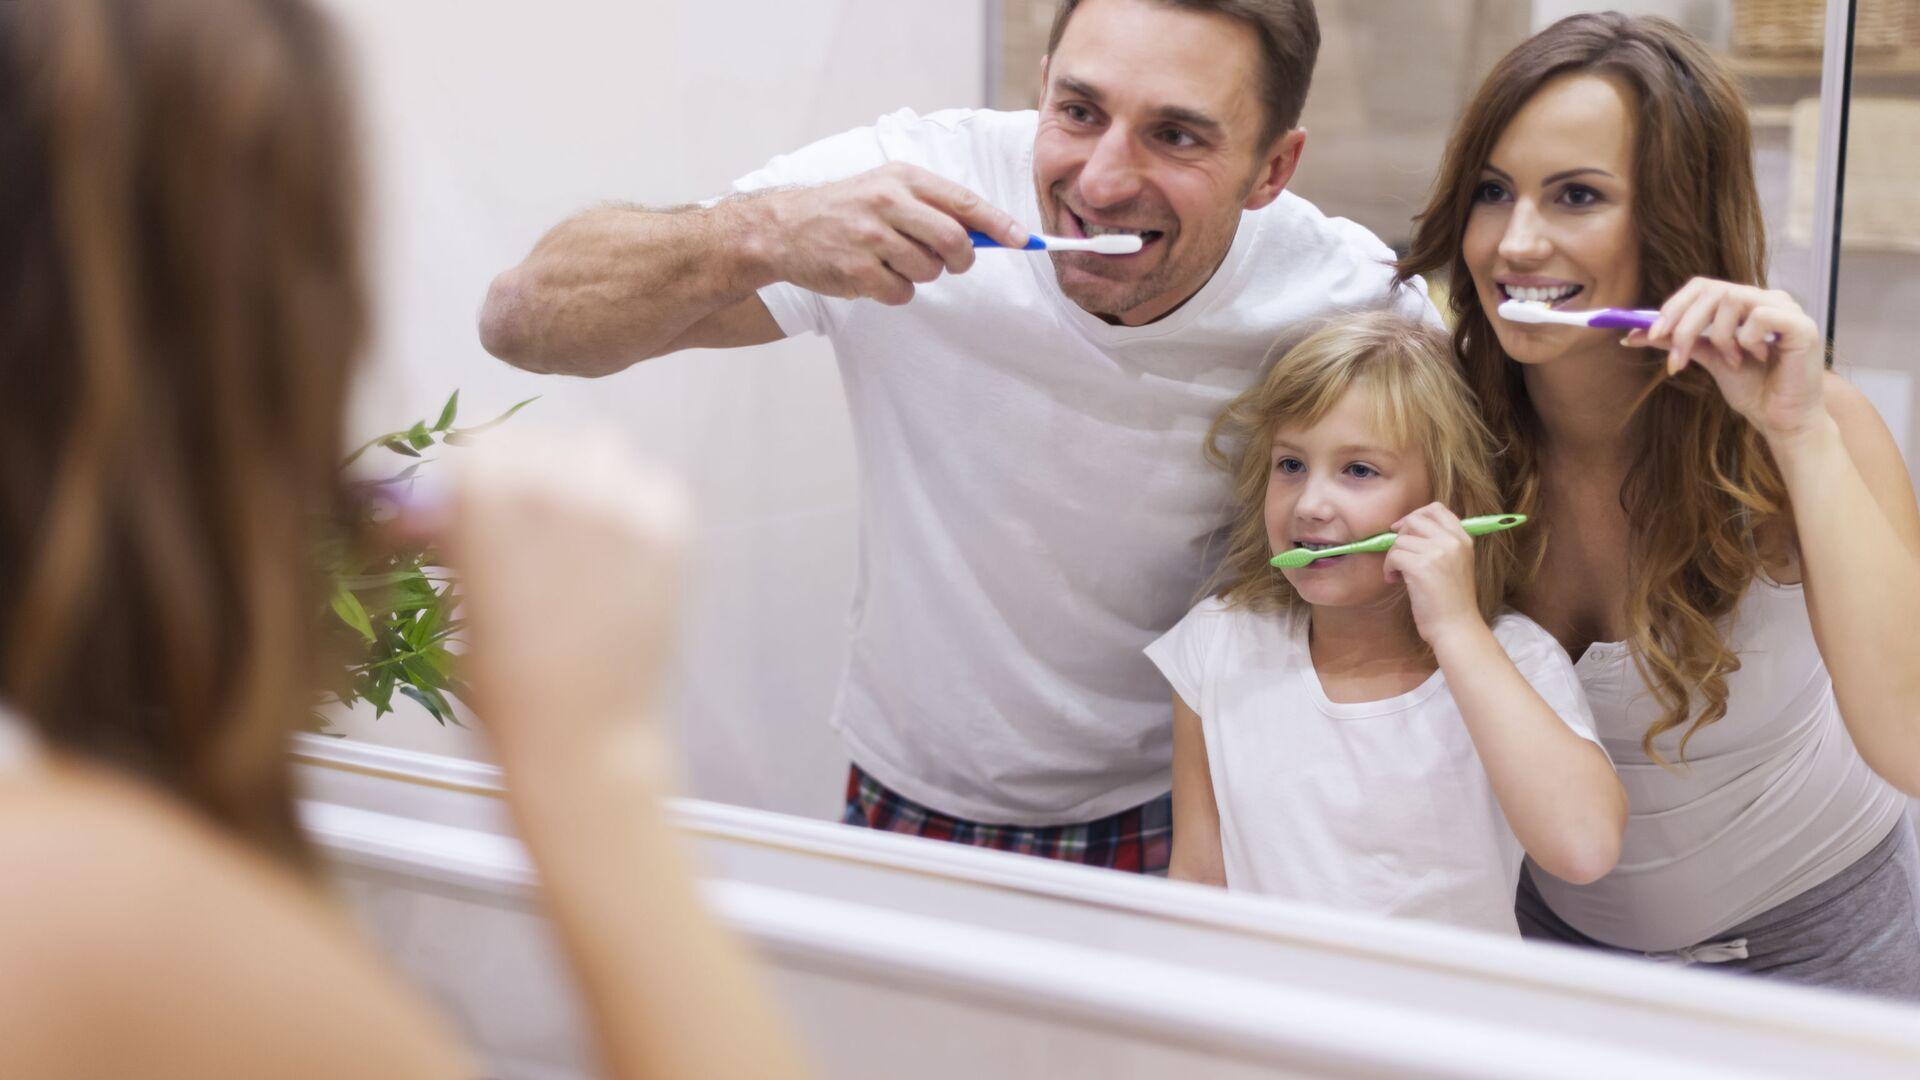 Rodina si čistí zuby - Sputnik Česká republika, 1920, 22.08.2021